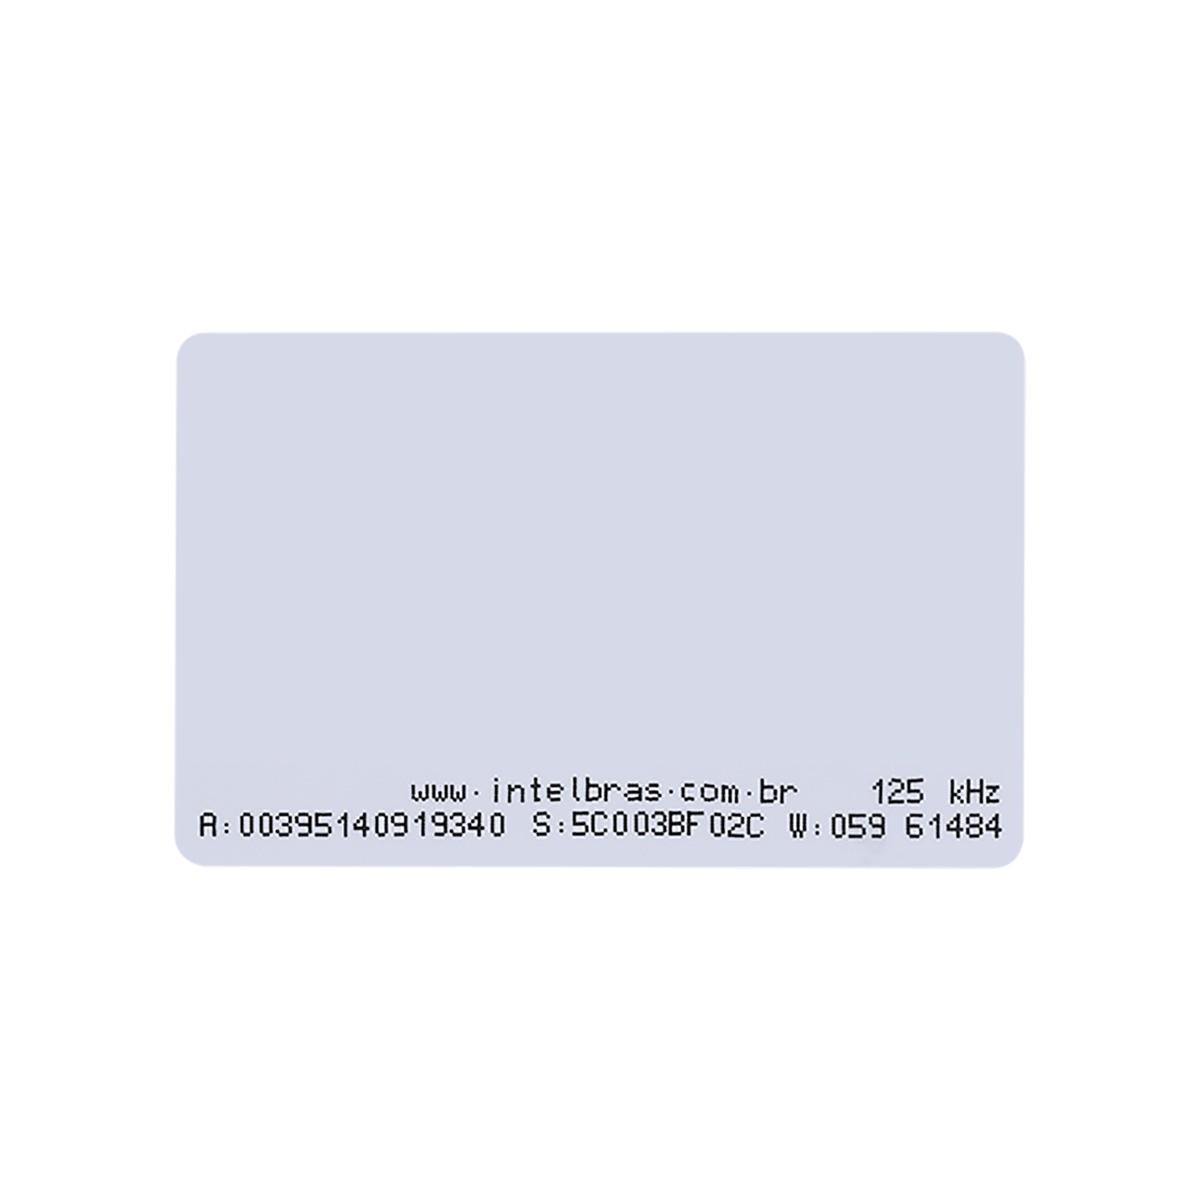 Cartão de Proximidade RFID 125 kHz Intelbras TH 2000